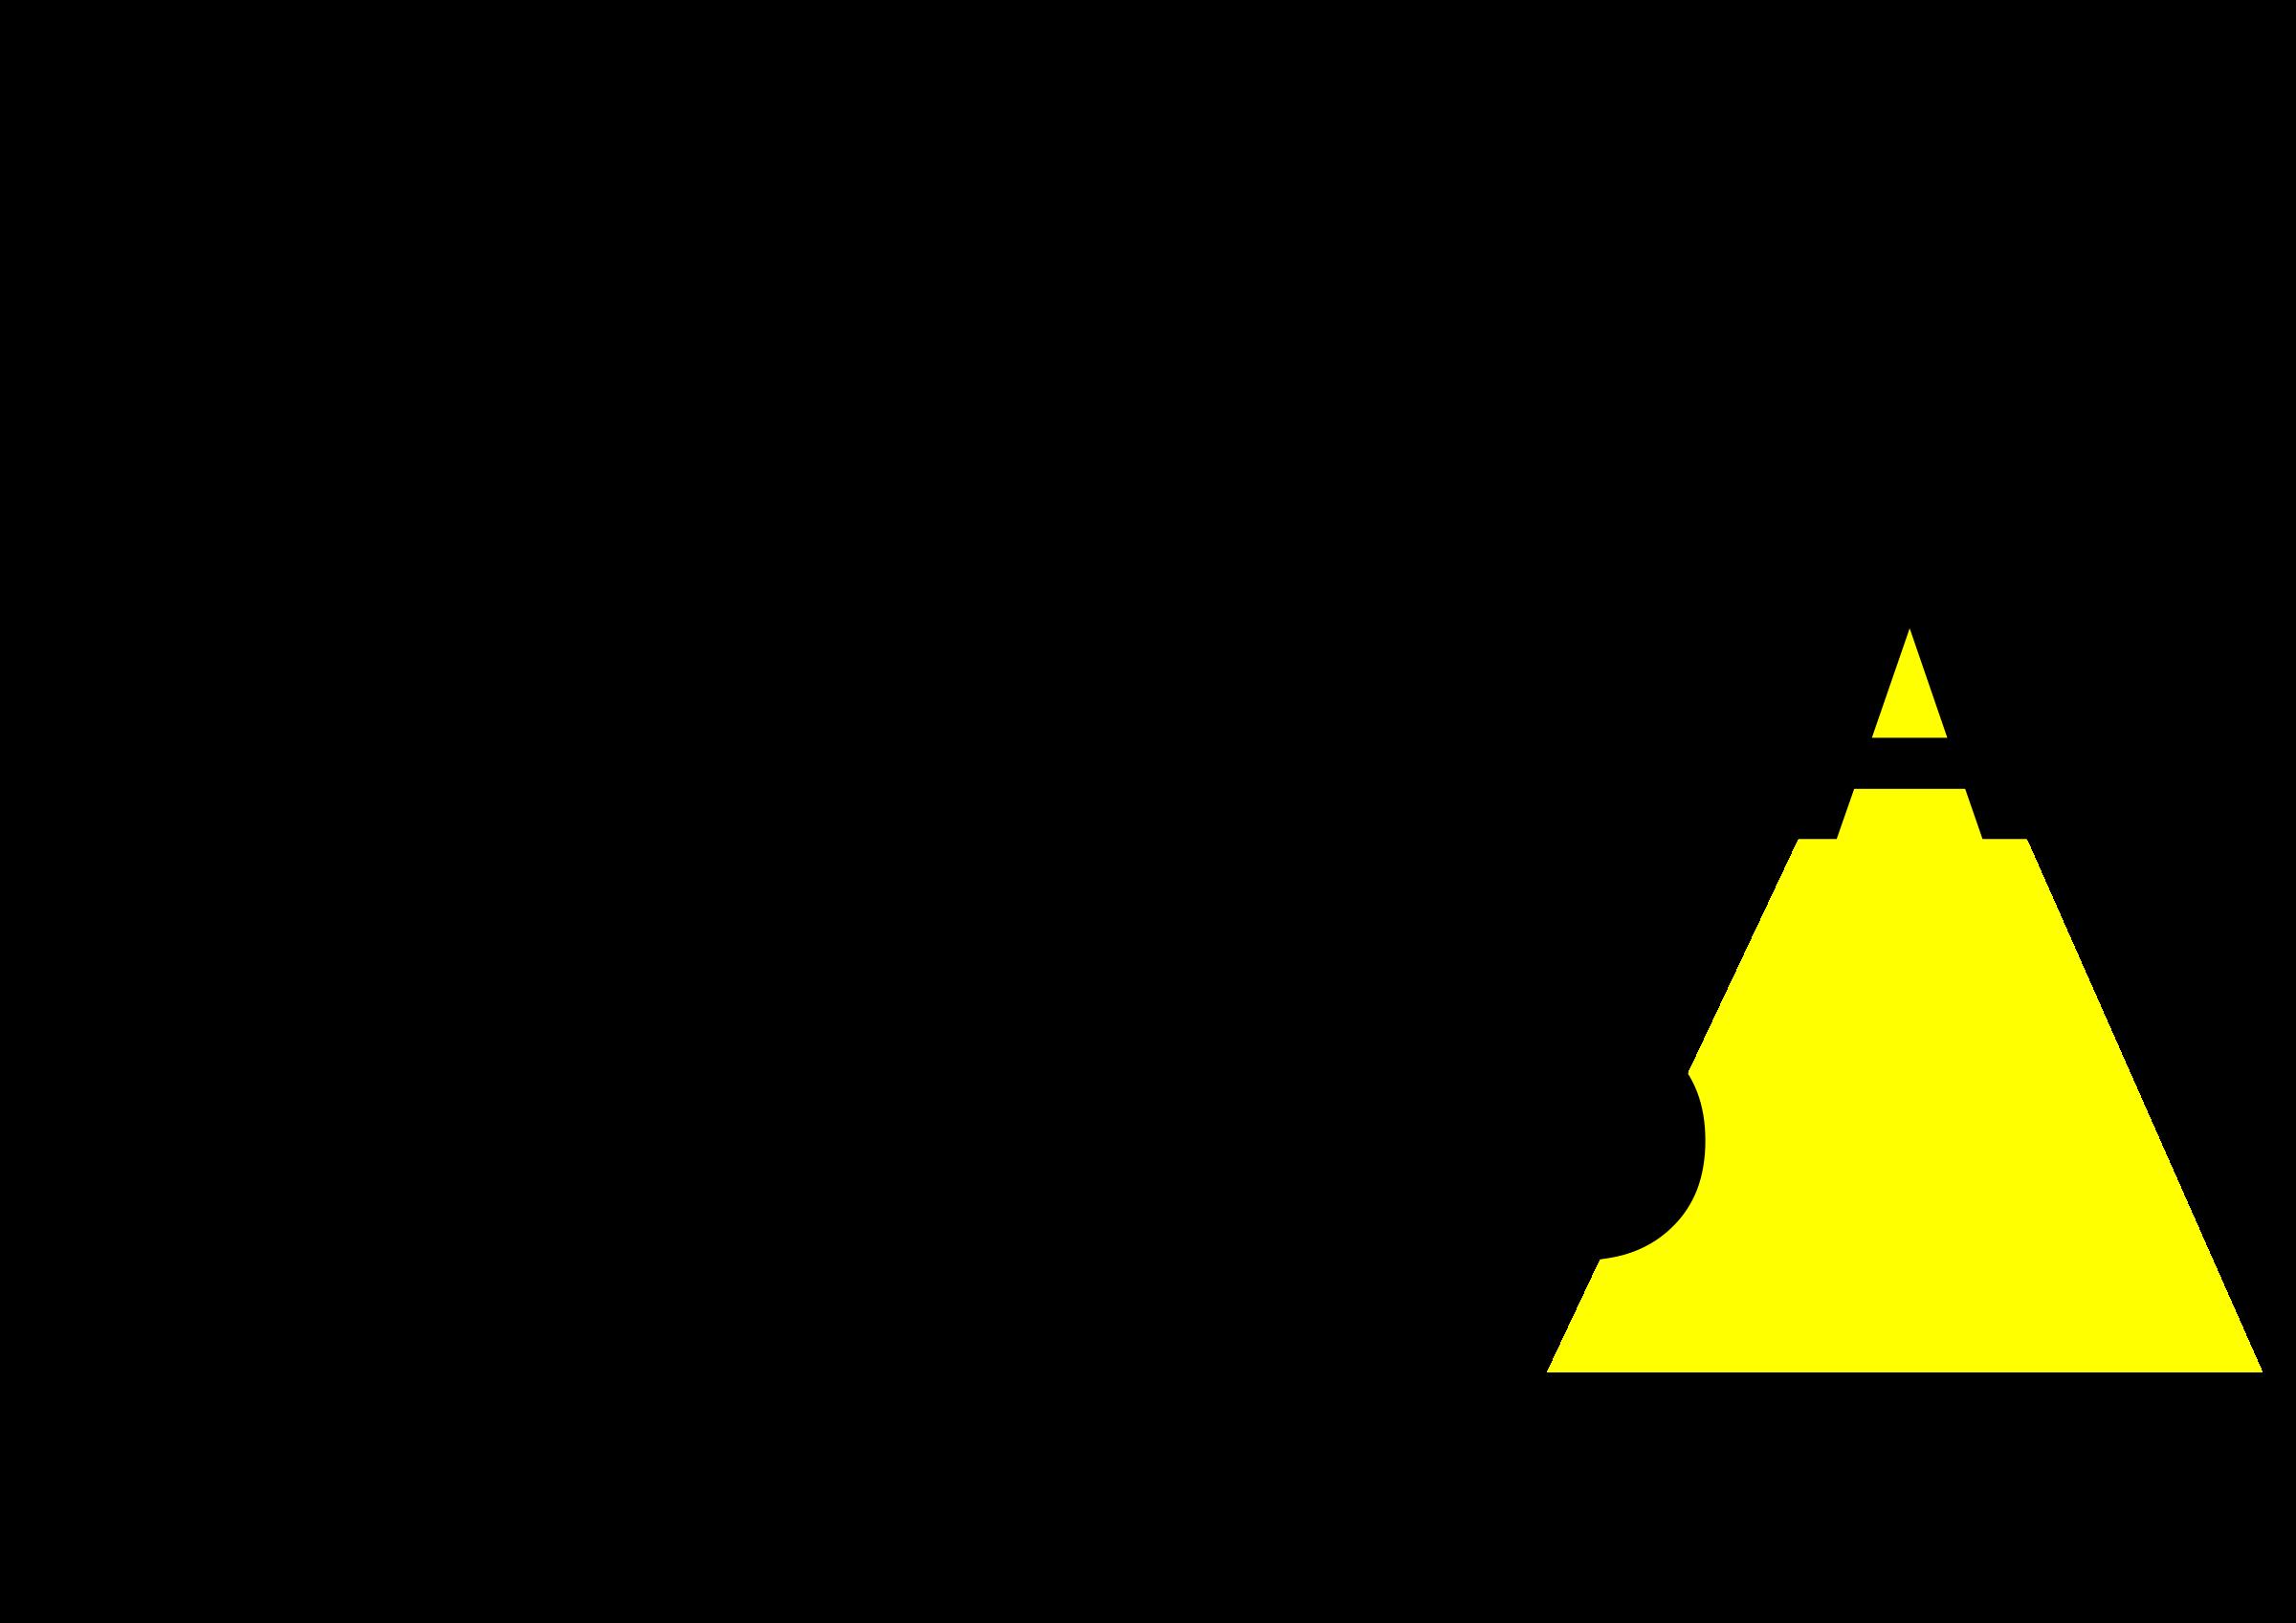 Clipart Lampada